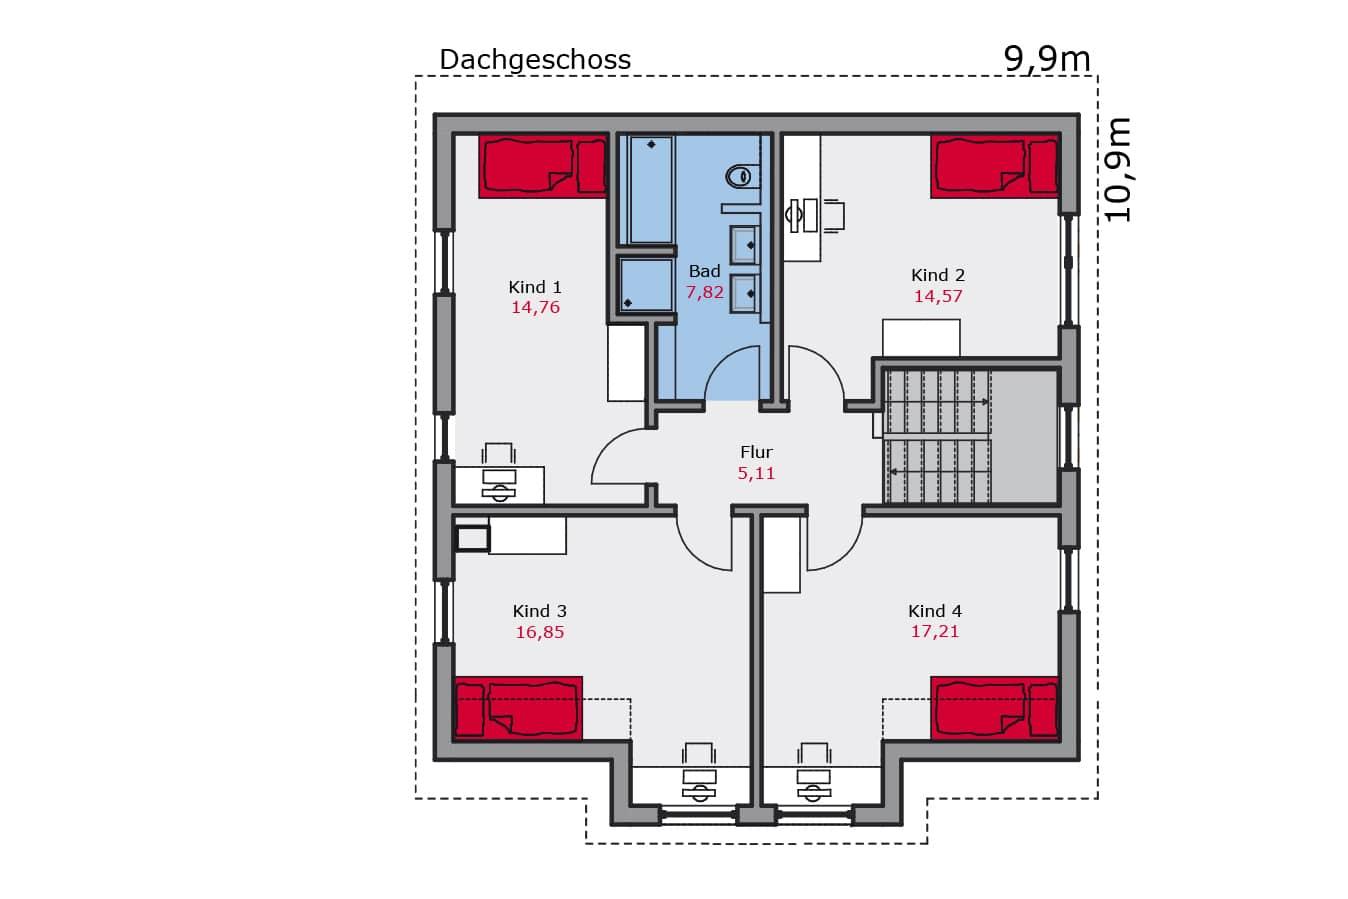 Haus129_Grundriss_Dachgeschoss_Zweifamilienhaus